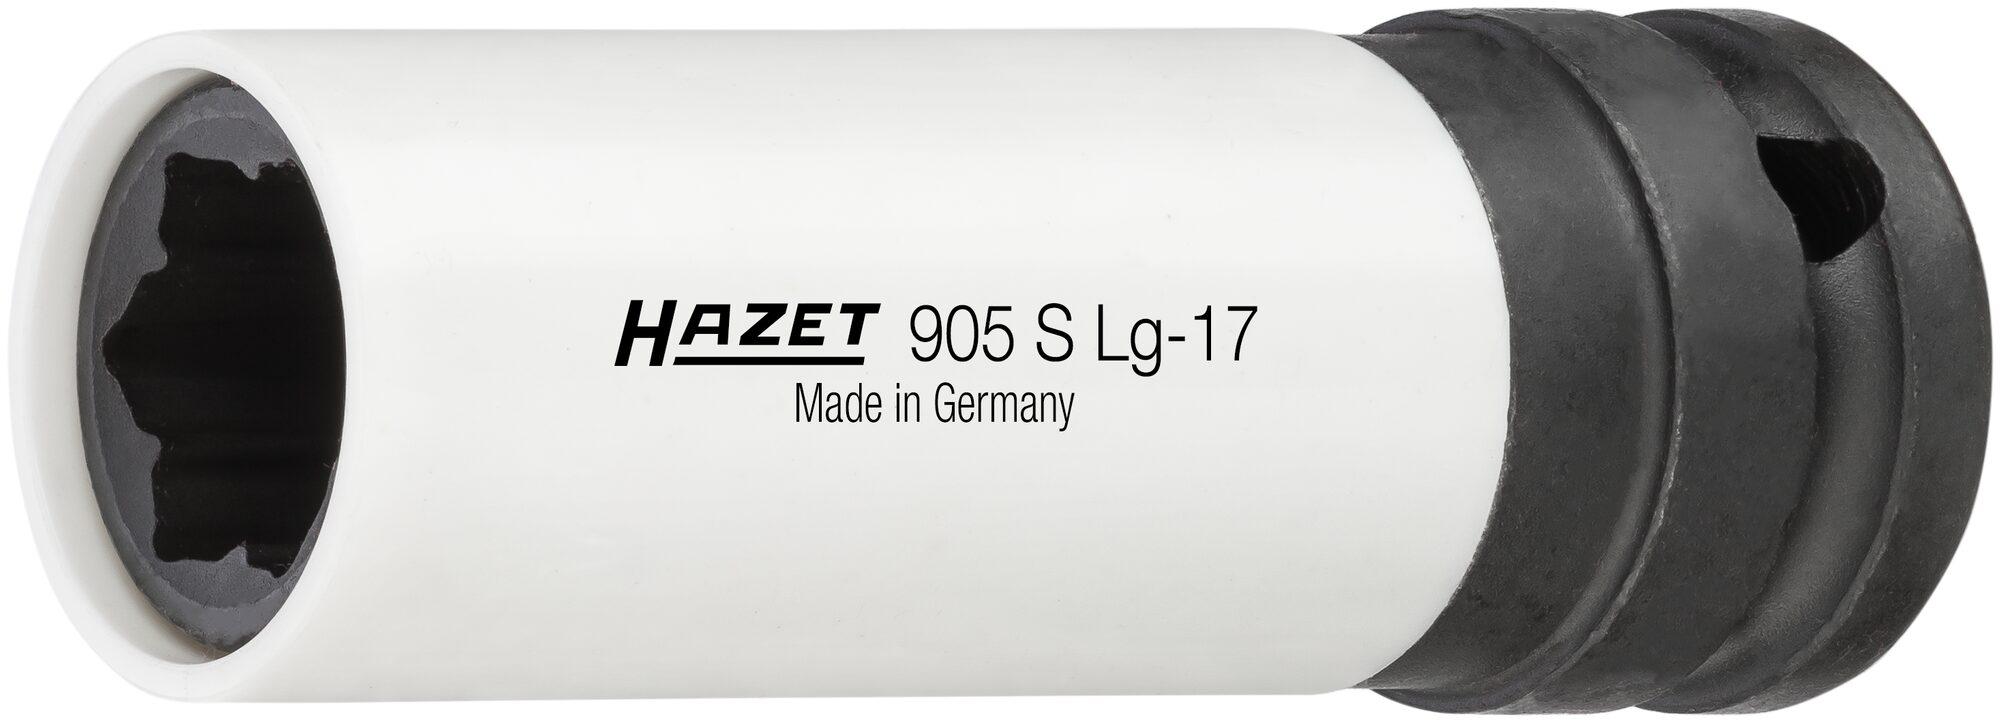 HAZET Schlag-, Maschinenschrauber Steckschlüsseleinsatz ∙ Hybrid-Sonderprofil 905SLG-17 ∙ 17 mm